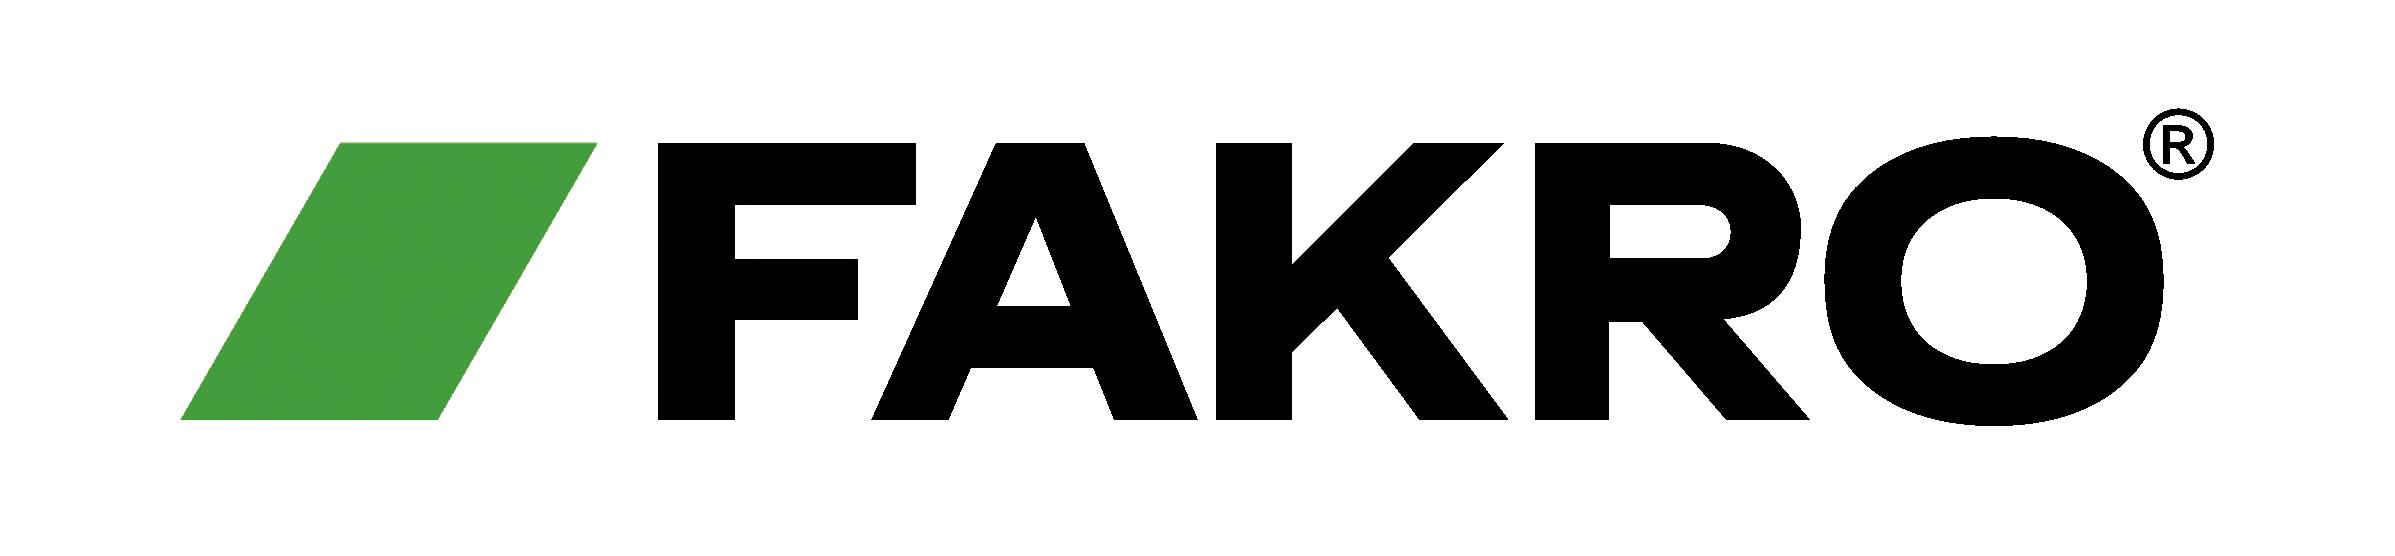 fakro_logotip